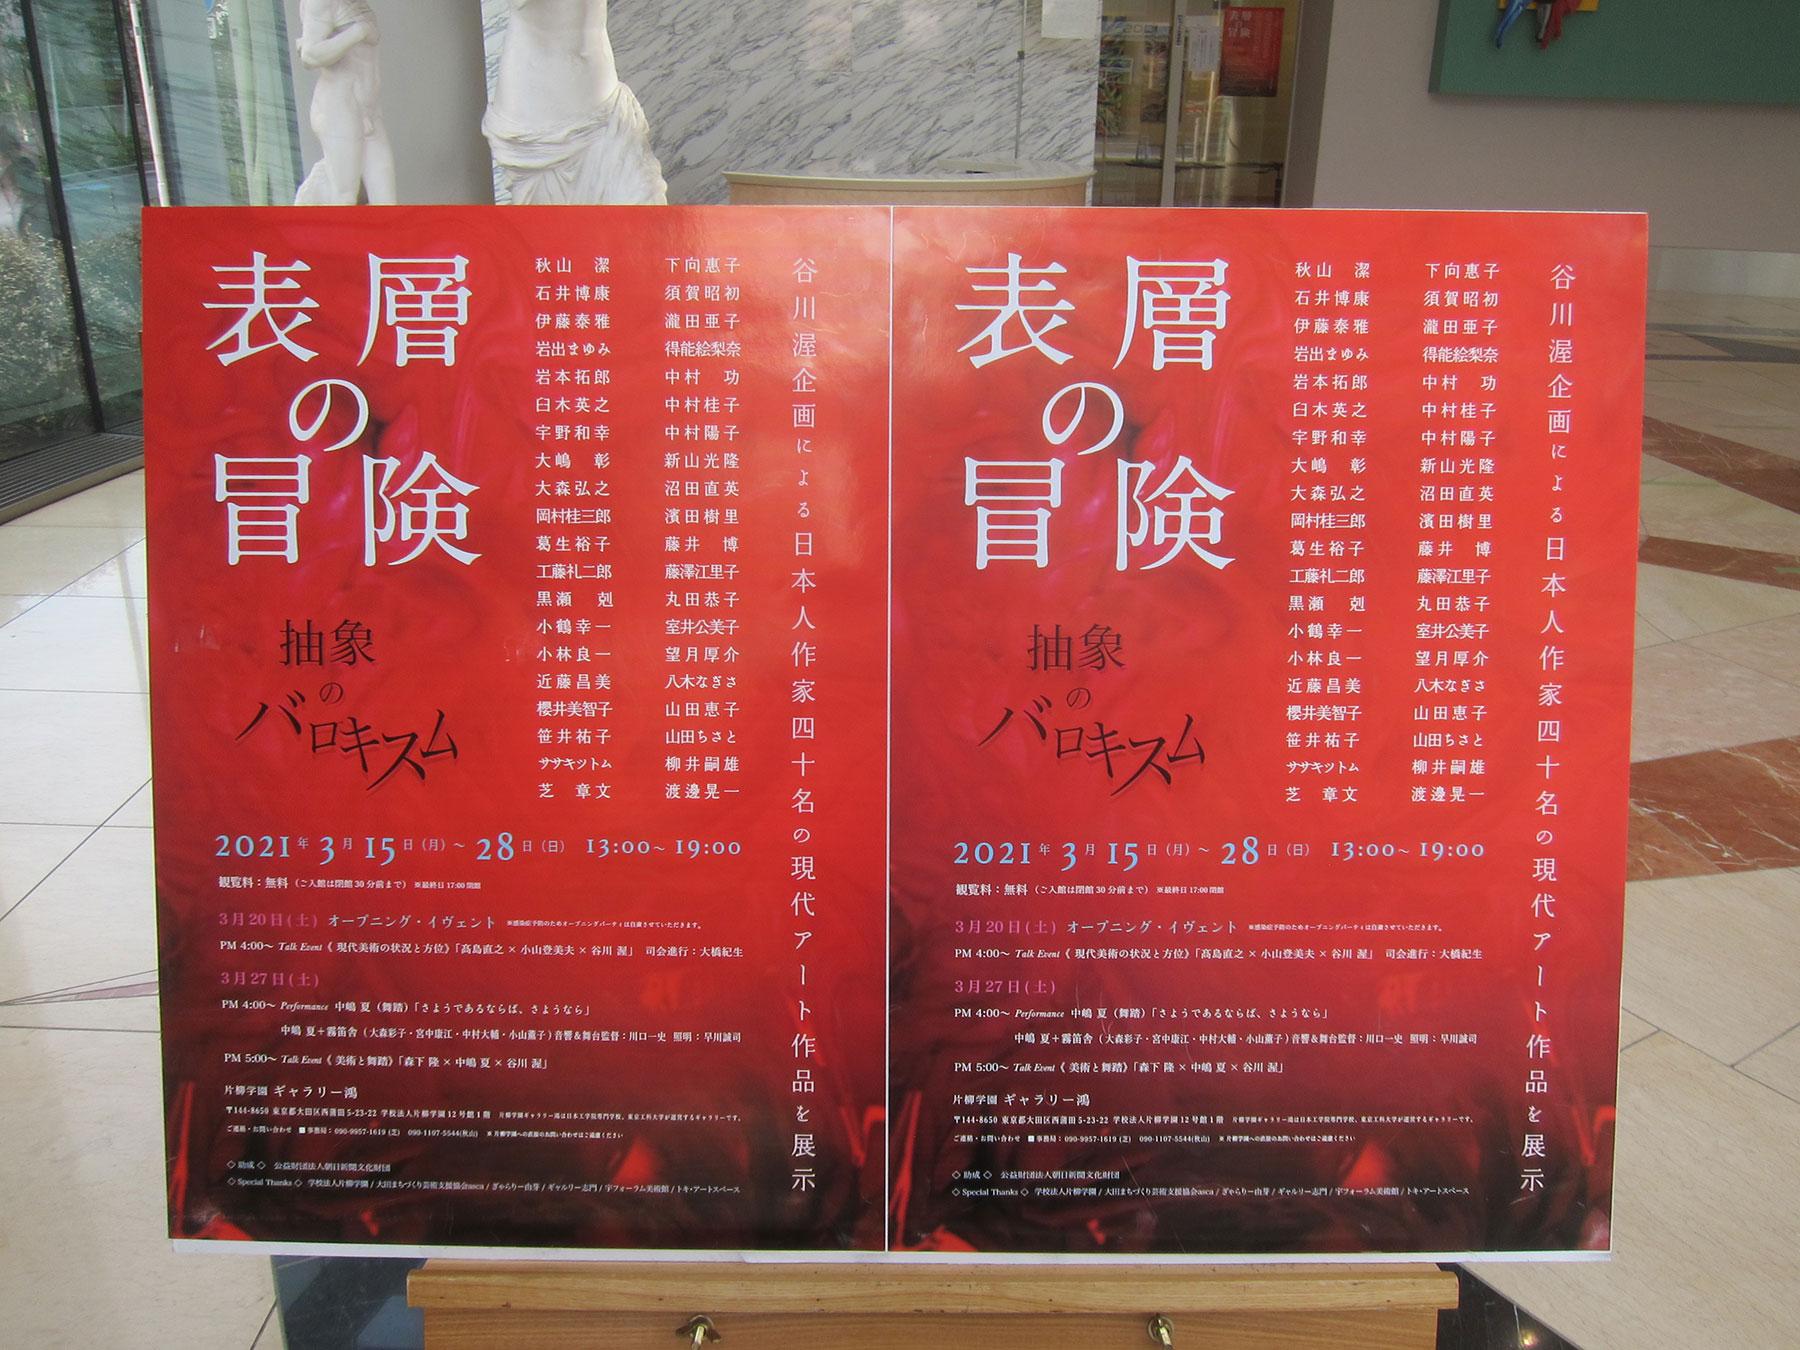 【The Evangelist of Contemporary Art】最近開催された二つの展覧会をつなぐと見えてくる日本絵画の特殊性(前編)